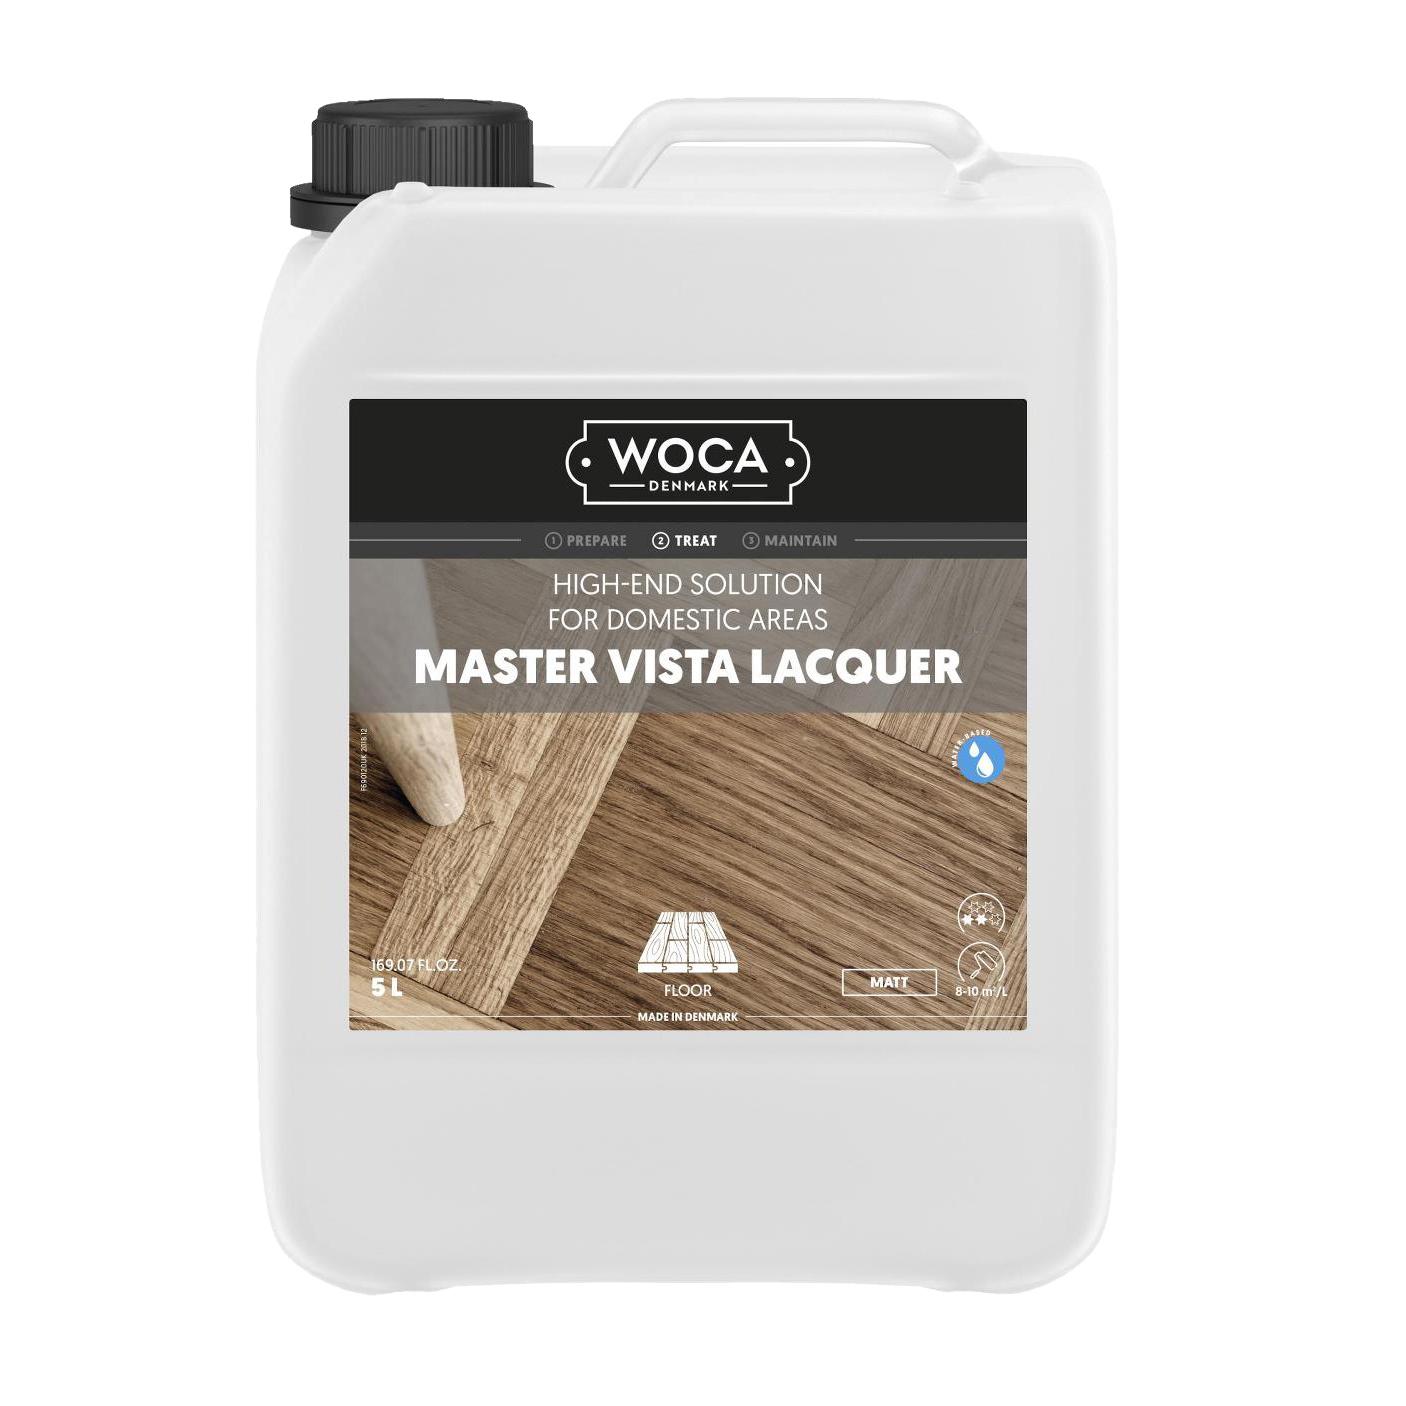 WOCA Master Vista 5 Ltr. Matt